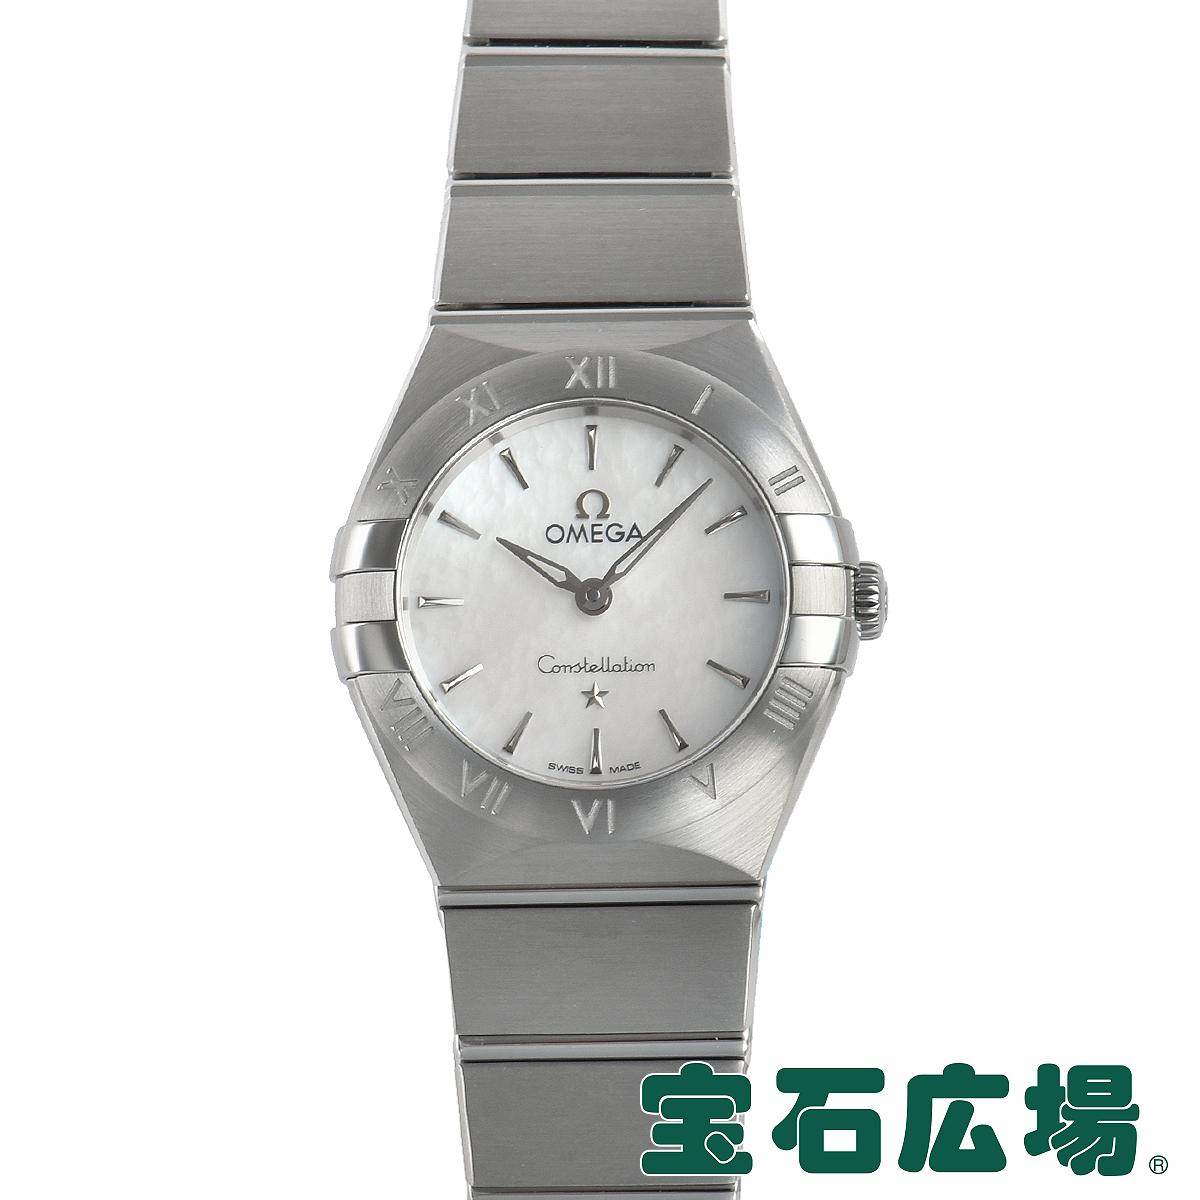 オメガ OMEGA コンステレーション マンハッタンクォーツ 131.10.25.60.05.001【新品】レディース 腕時計 送料無料